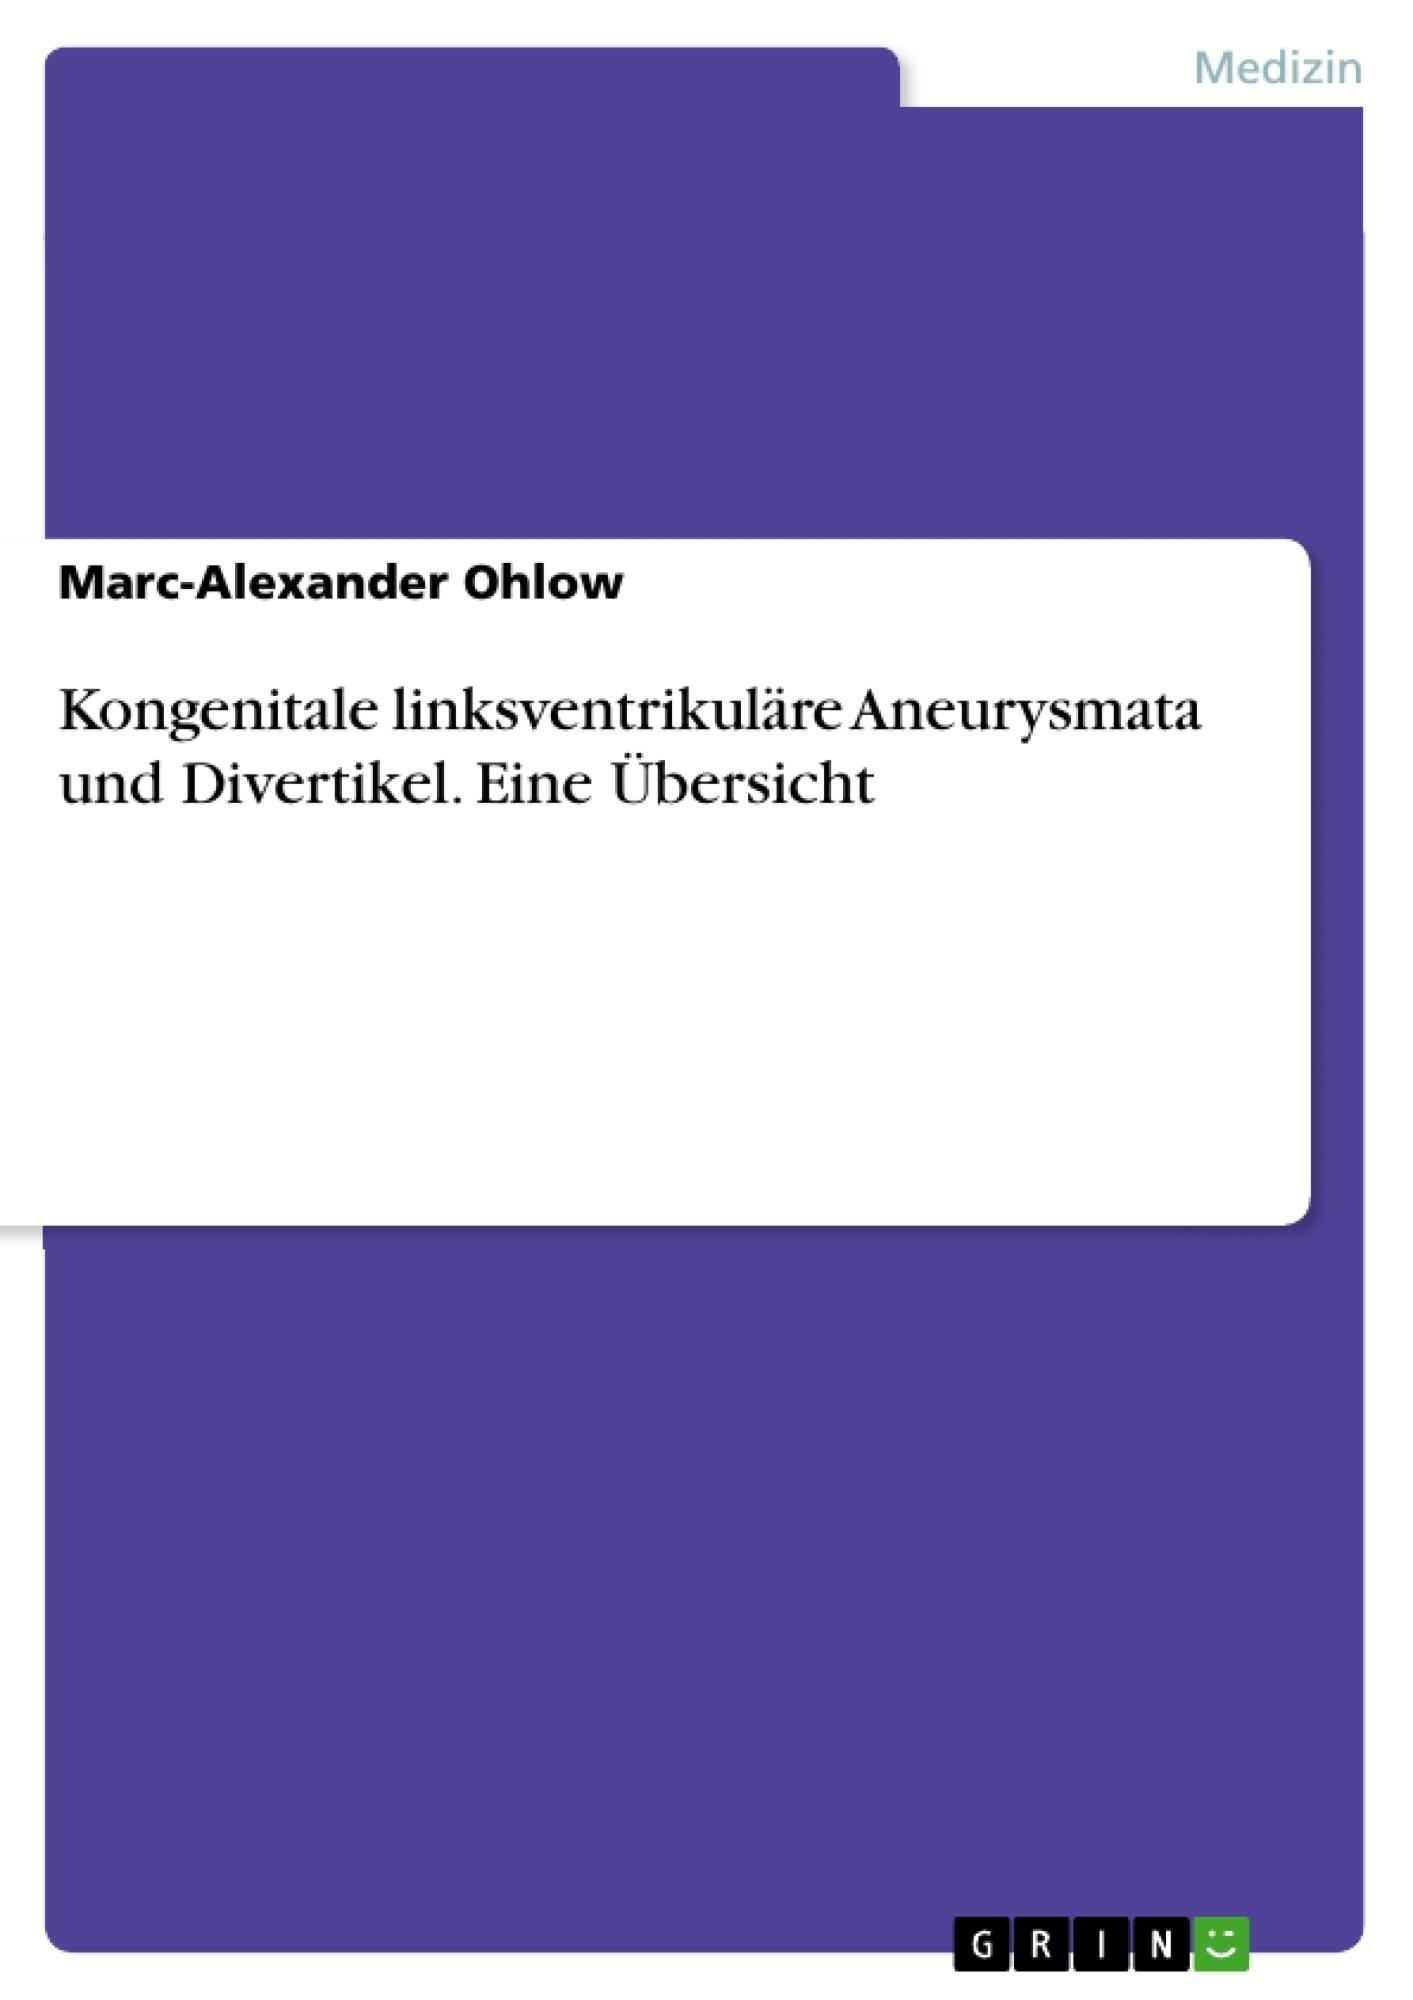 Kongenitale linksventrikuläre Aneurysmata und Divertikel. Eine ...